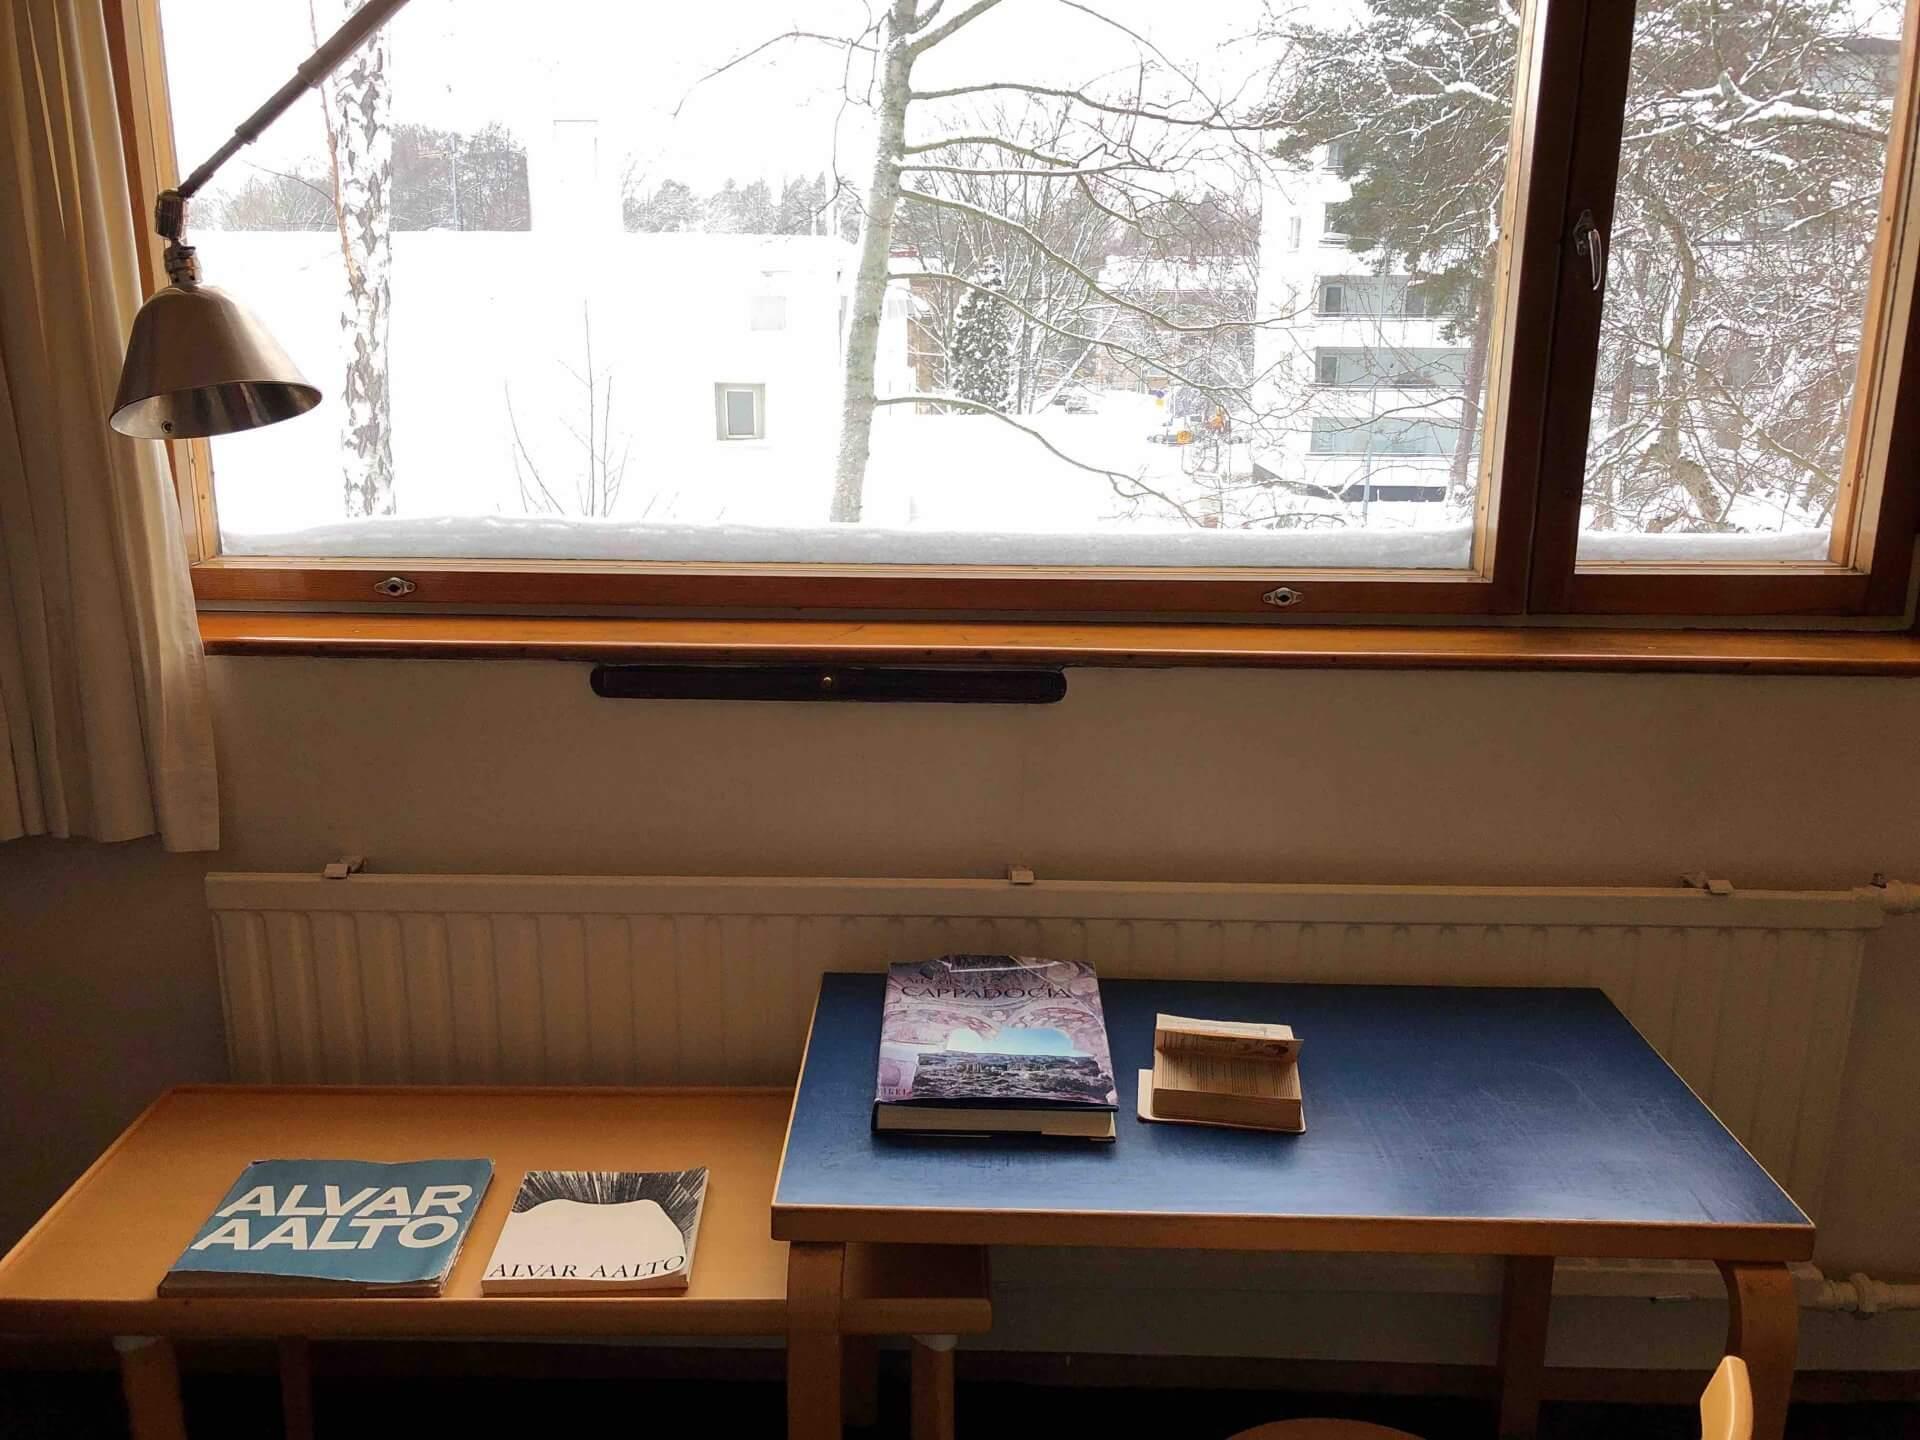 アアルト自邸の書庫の窓から隣の図書館が見えた